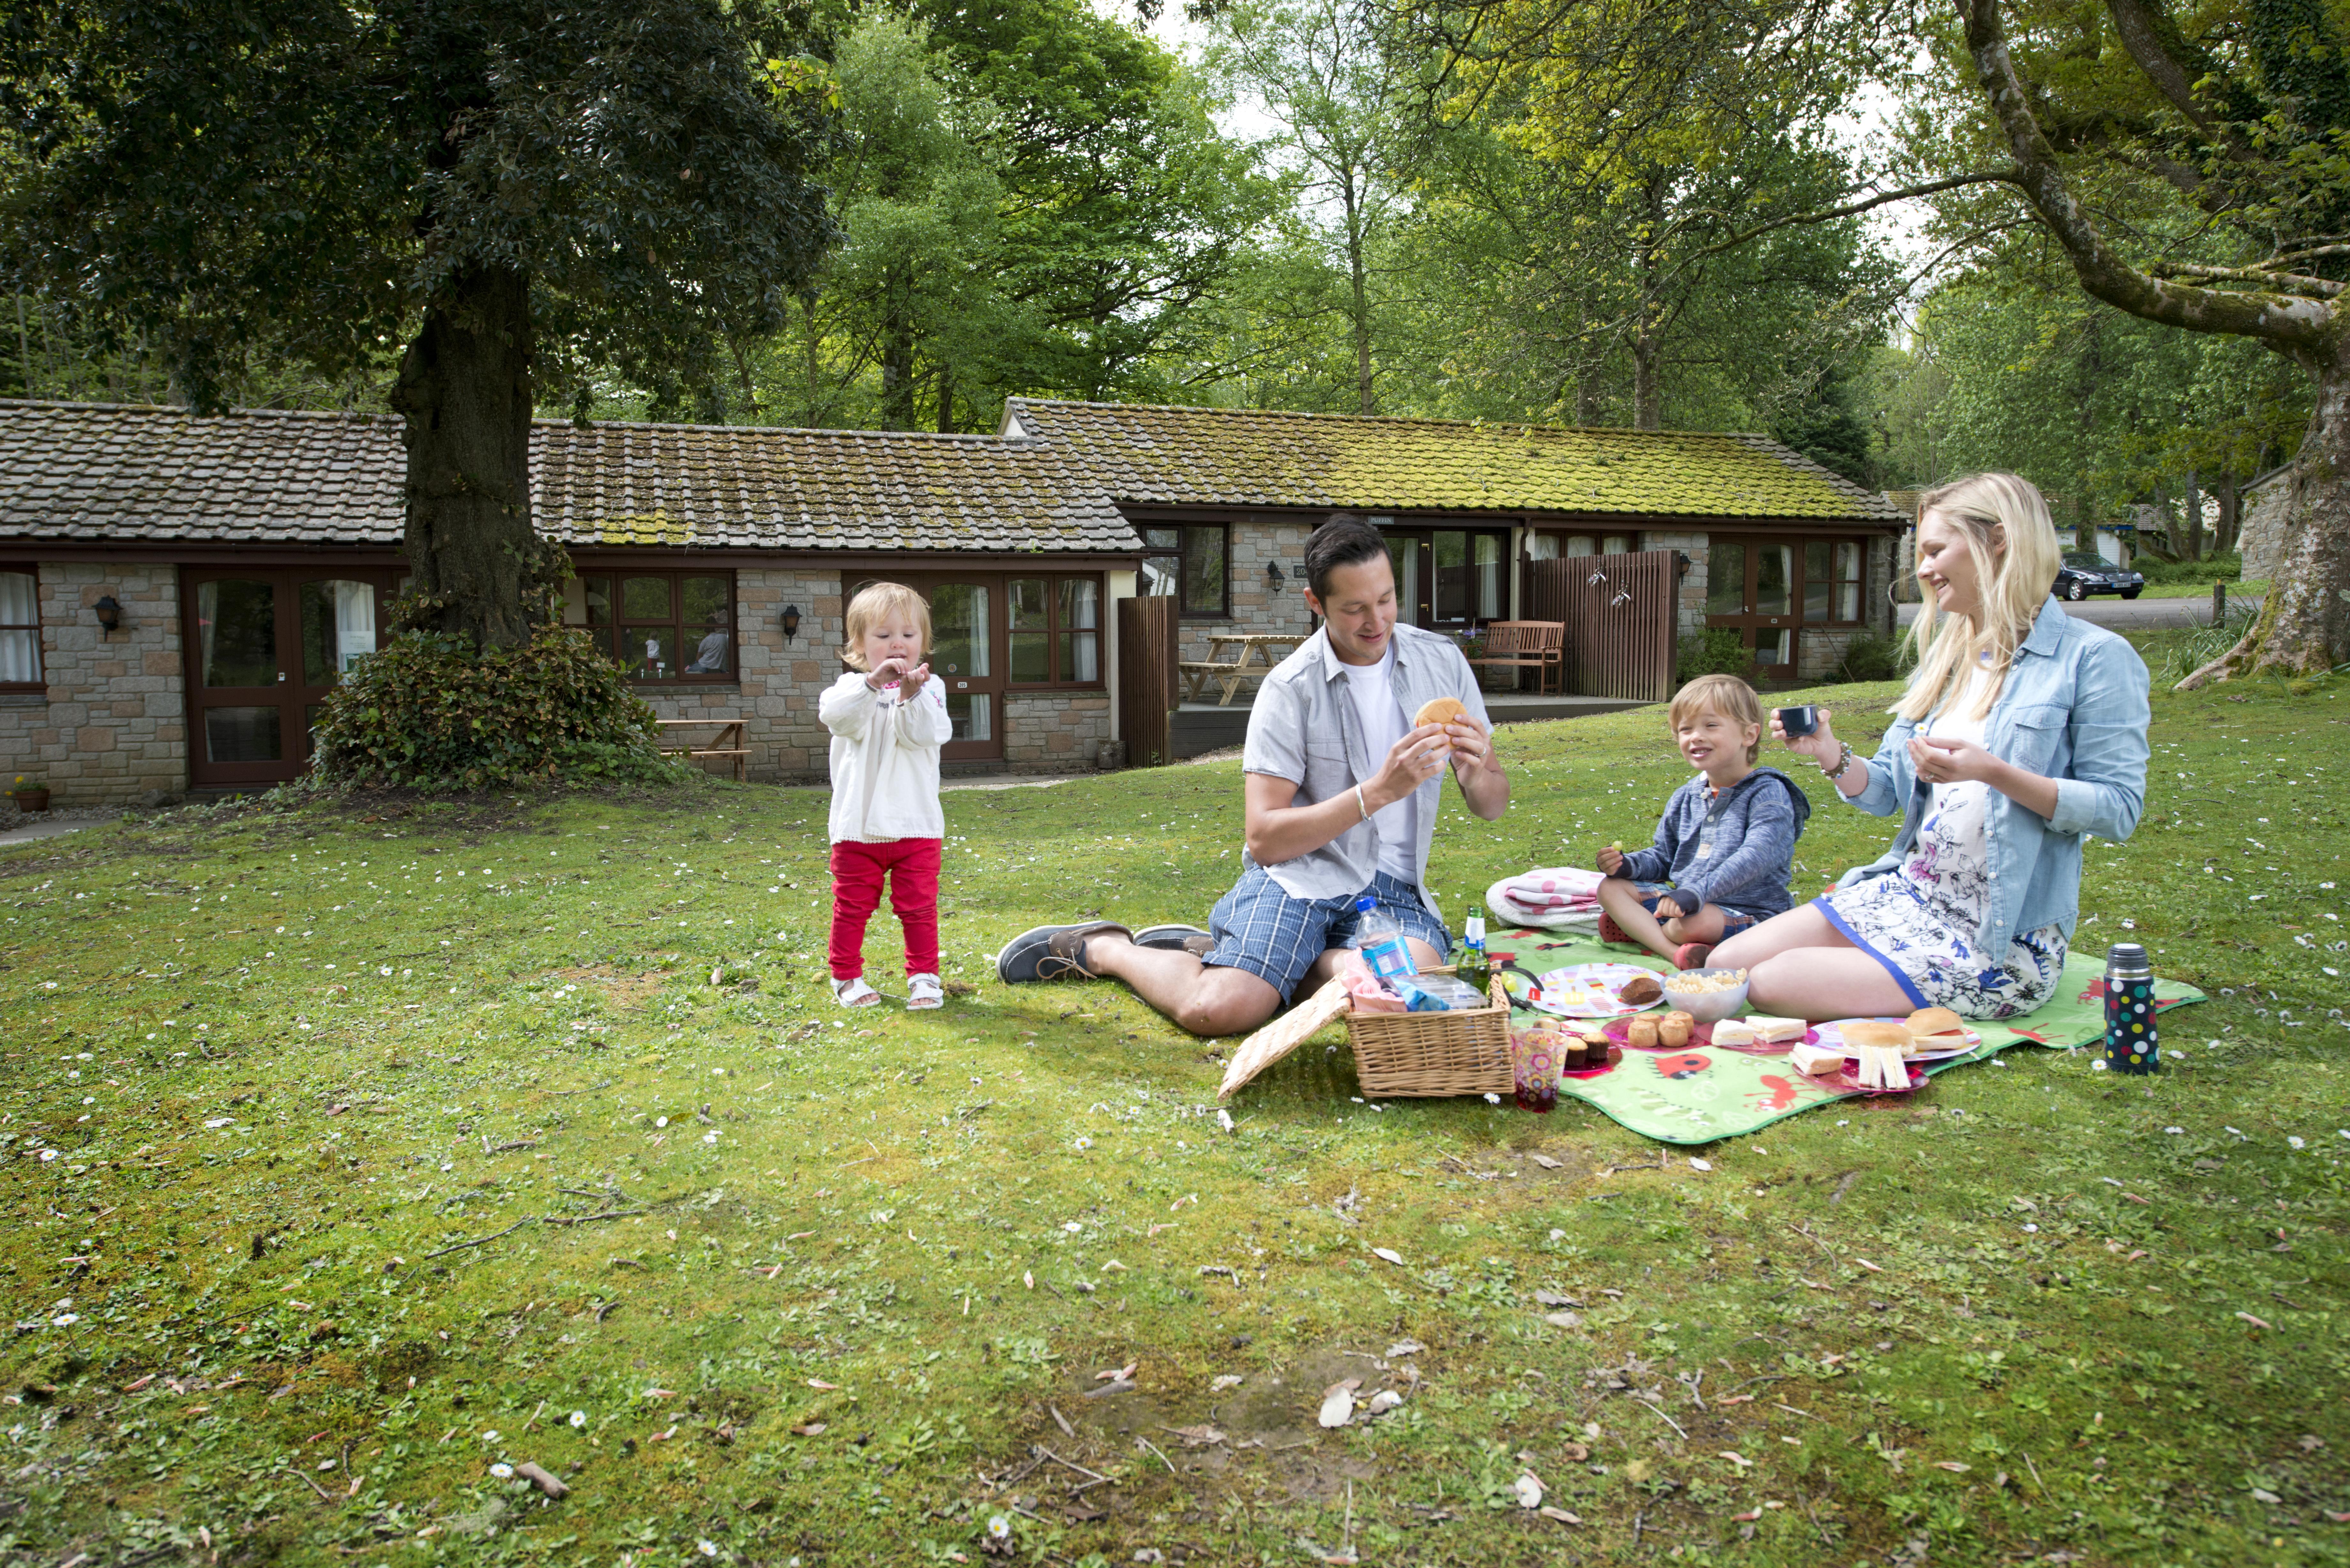 St Ives family picnic